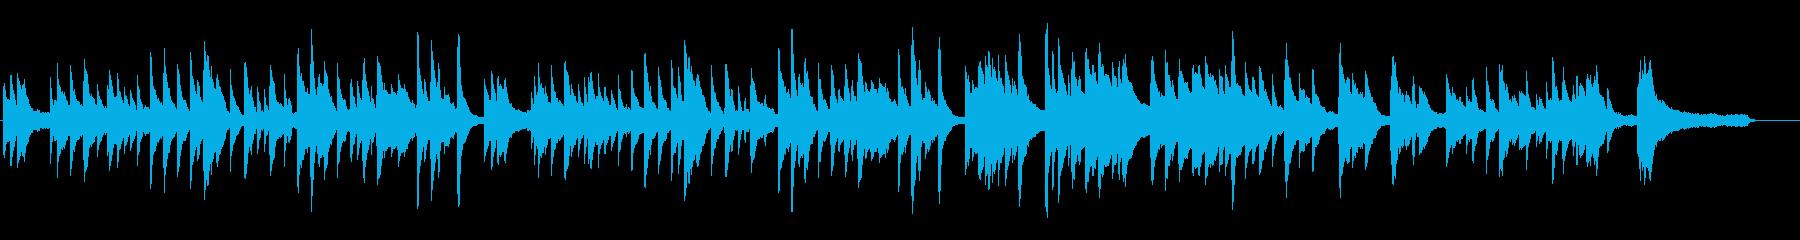 静かで優しい、祝福のためのピアノ曲の再生済みの波形